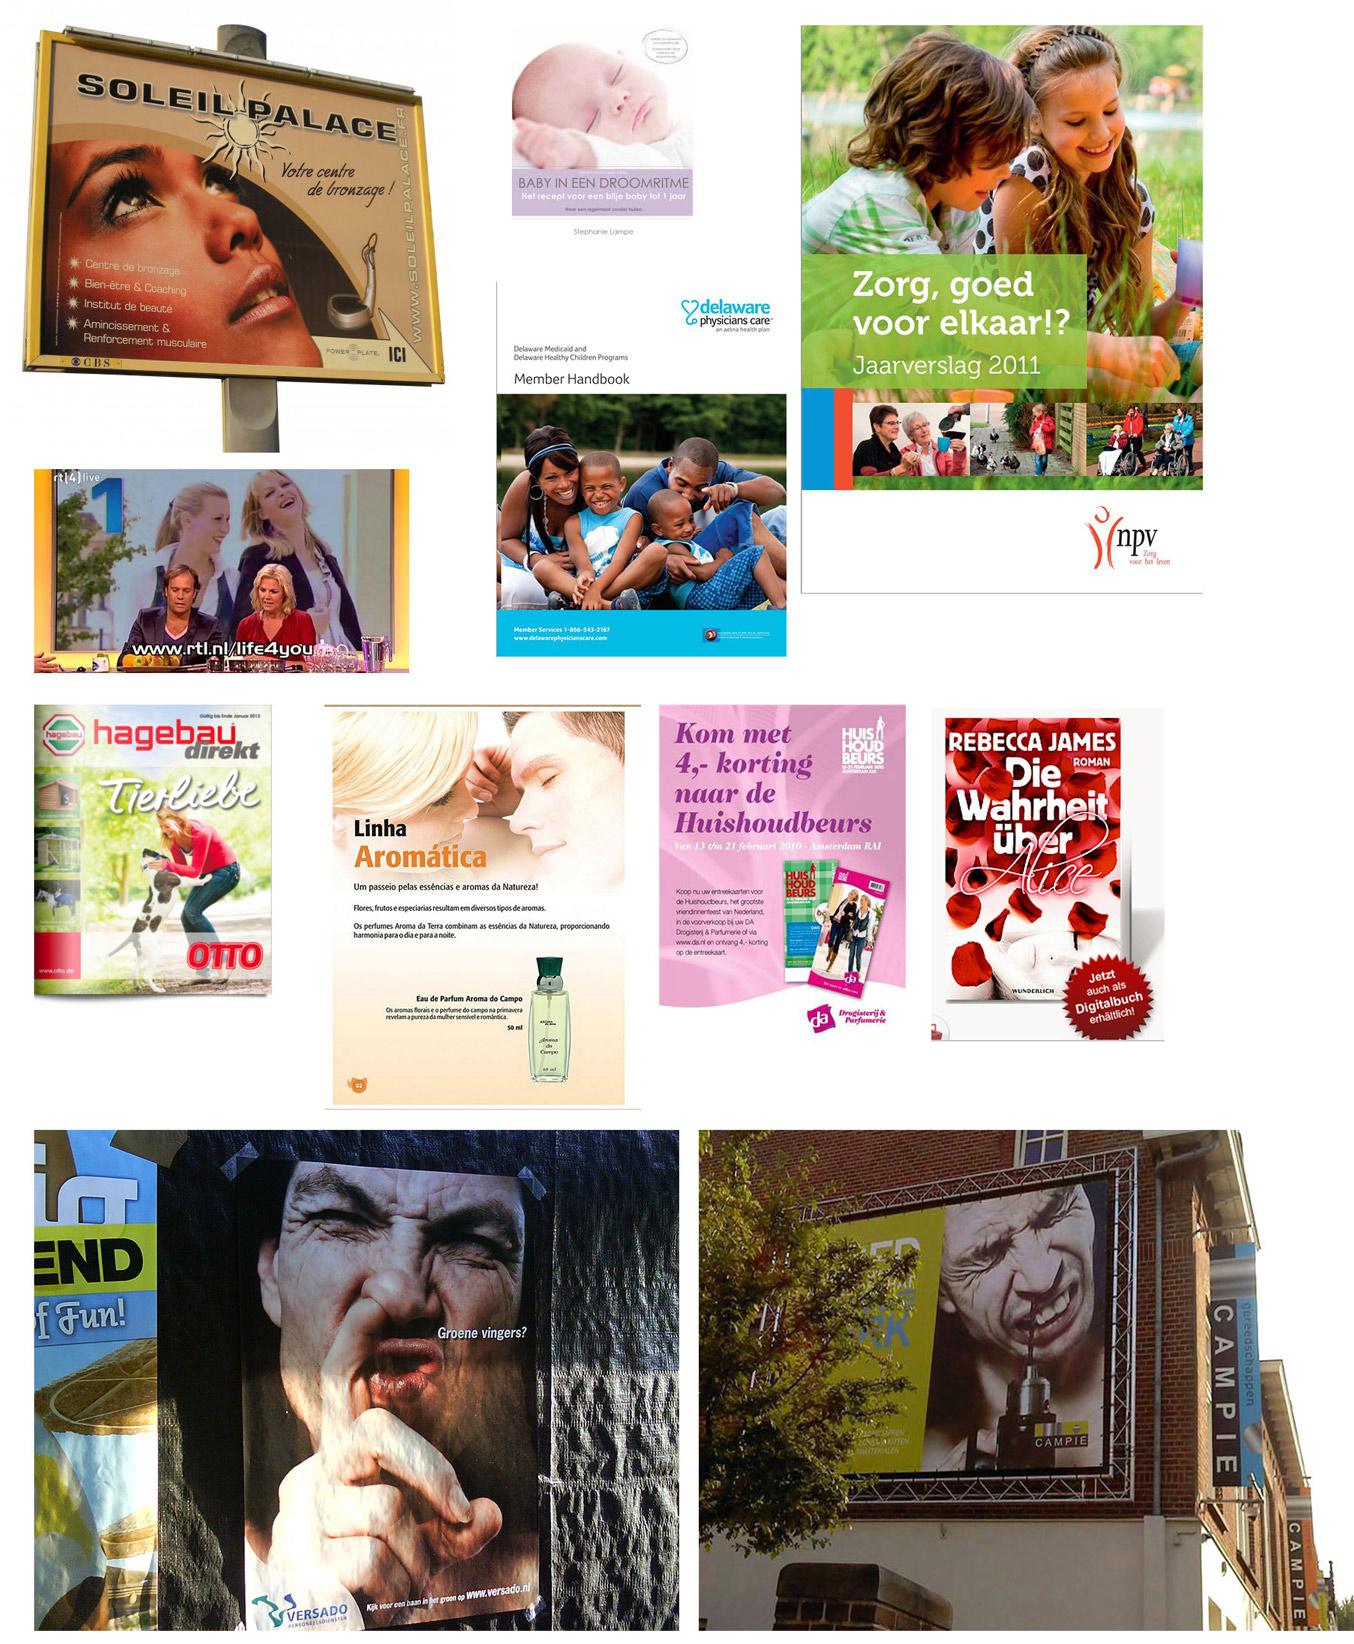 fotoshoot,fotostudio,dnf-style,geleen,limburg,fotograaf,artistiek,portret,publicaties,wie zijn wij